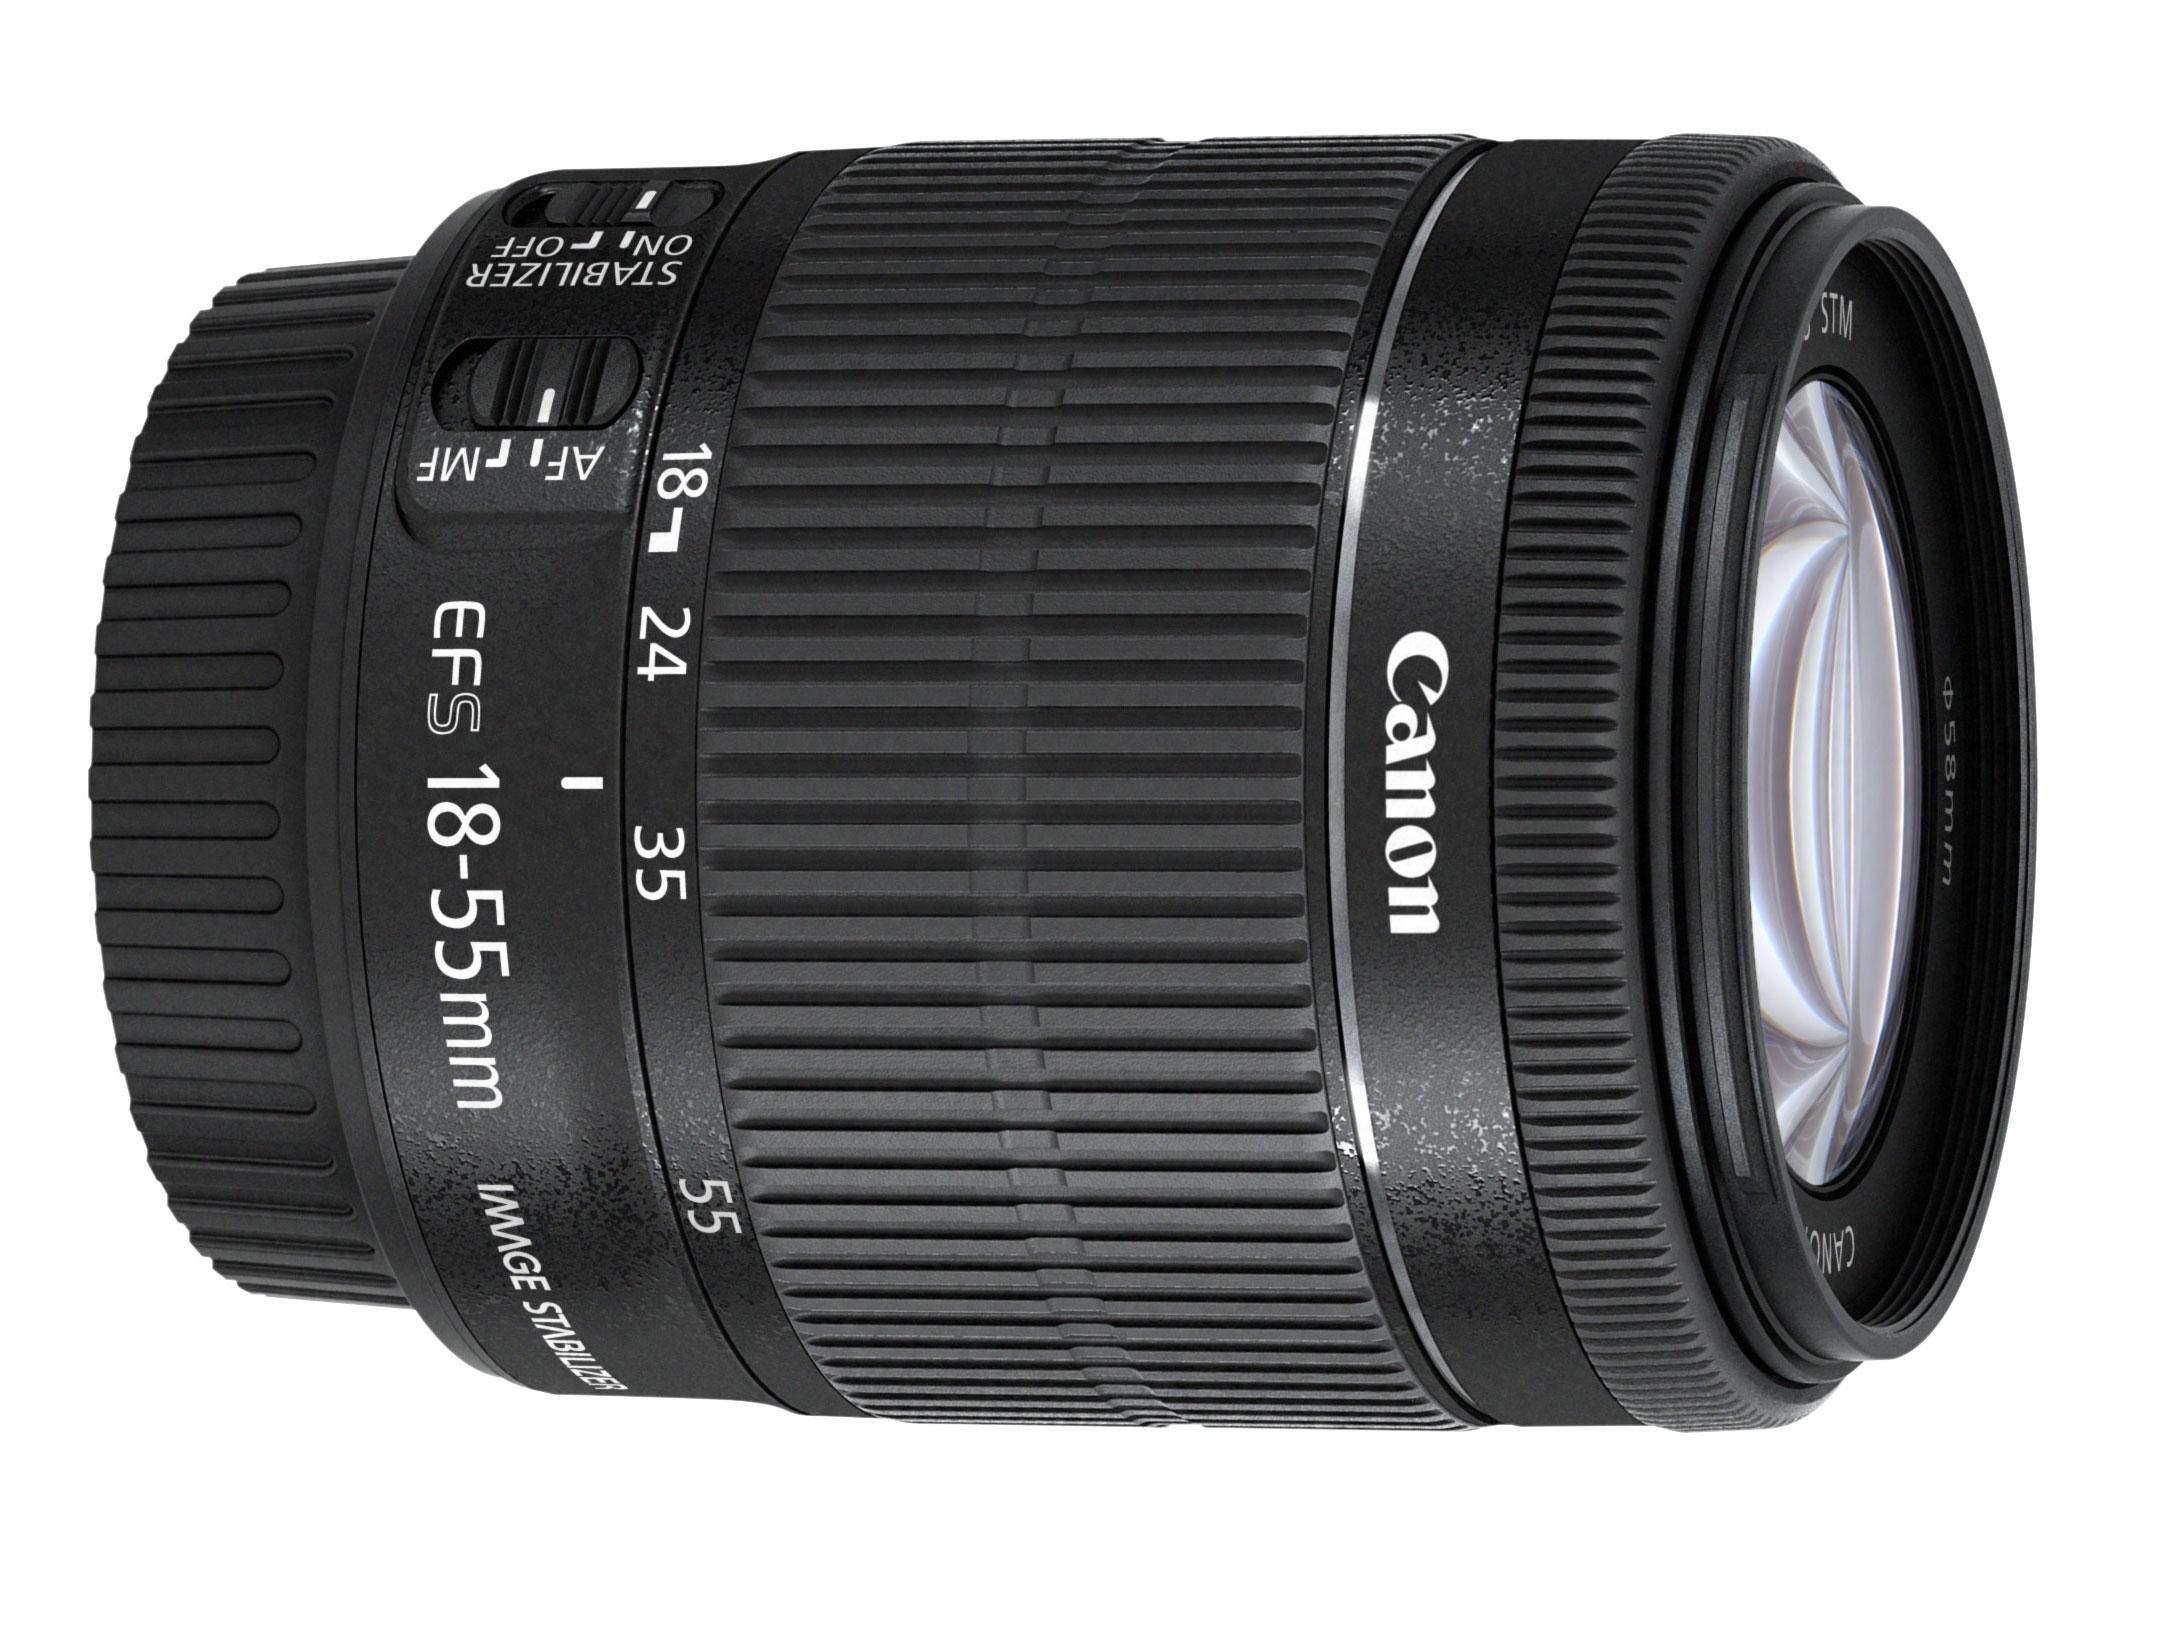 canon ef s 18 55mm f 3 5 5 6 is stm digital photography live. Black Bedroom Furniture Sets. Home Design Ideas